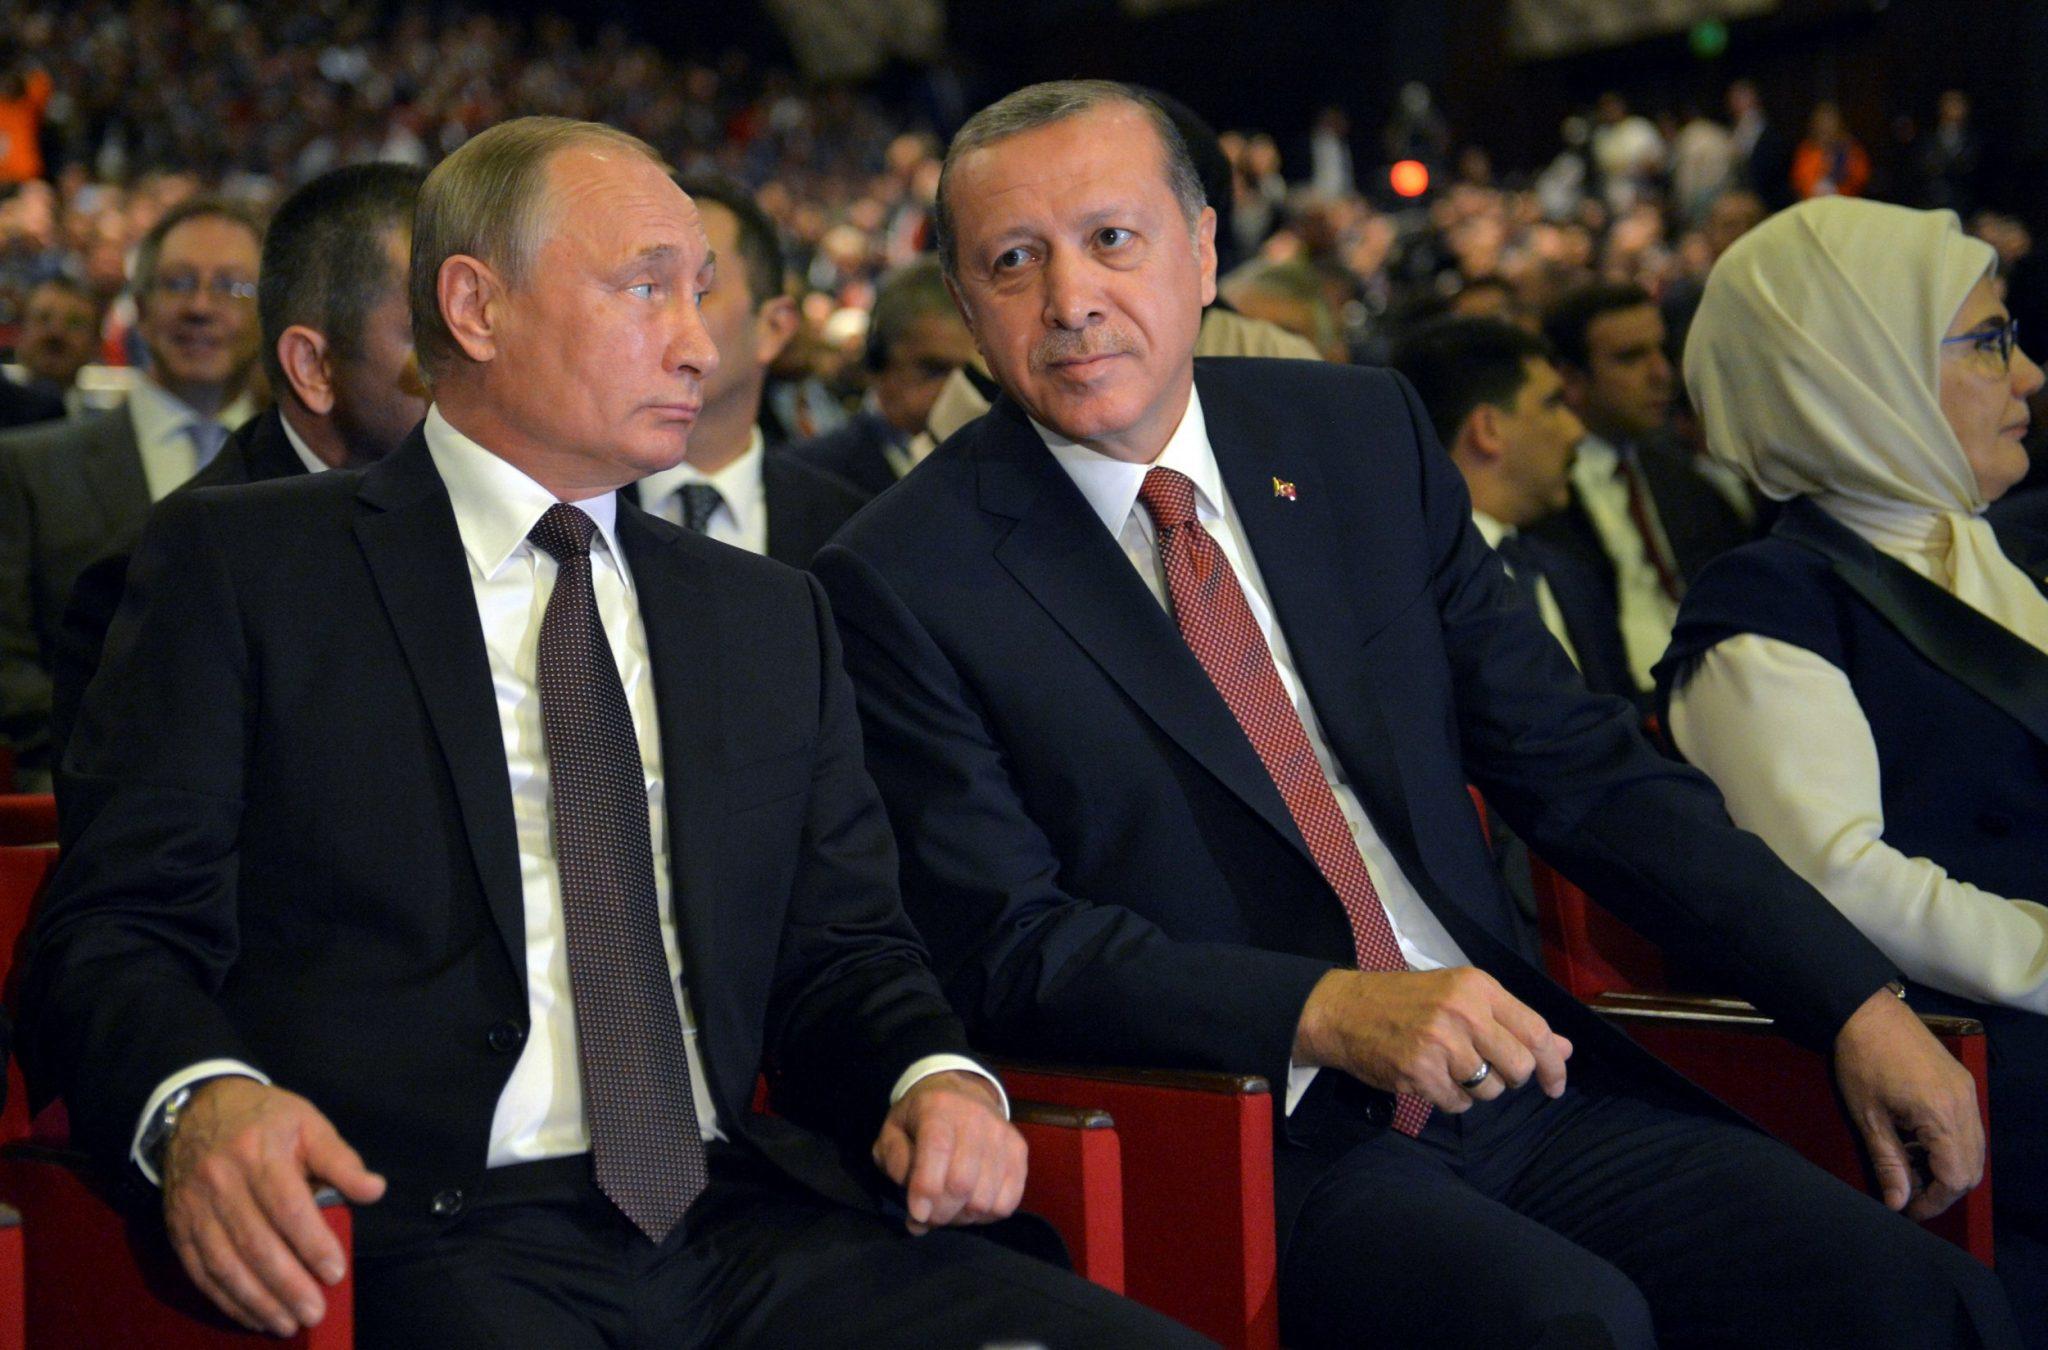 صورة رسالة حاسمة من أردوغان لبوتين حول إدلب.. إليكم مضمونها